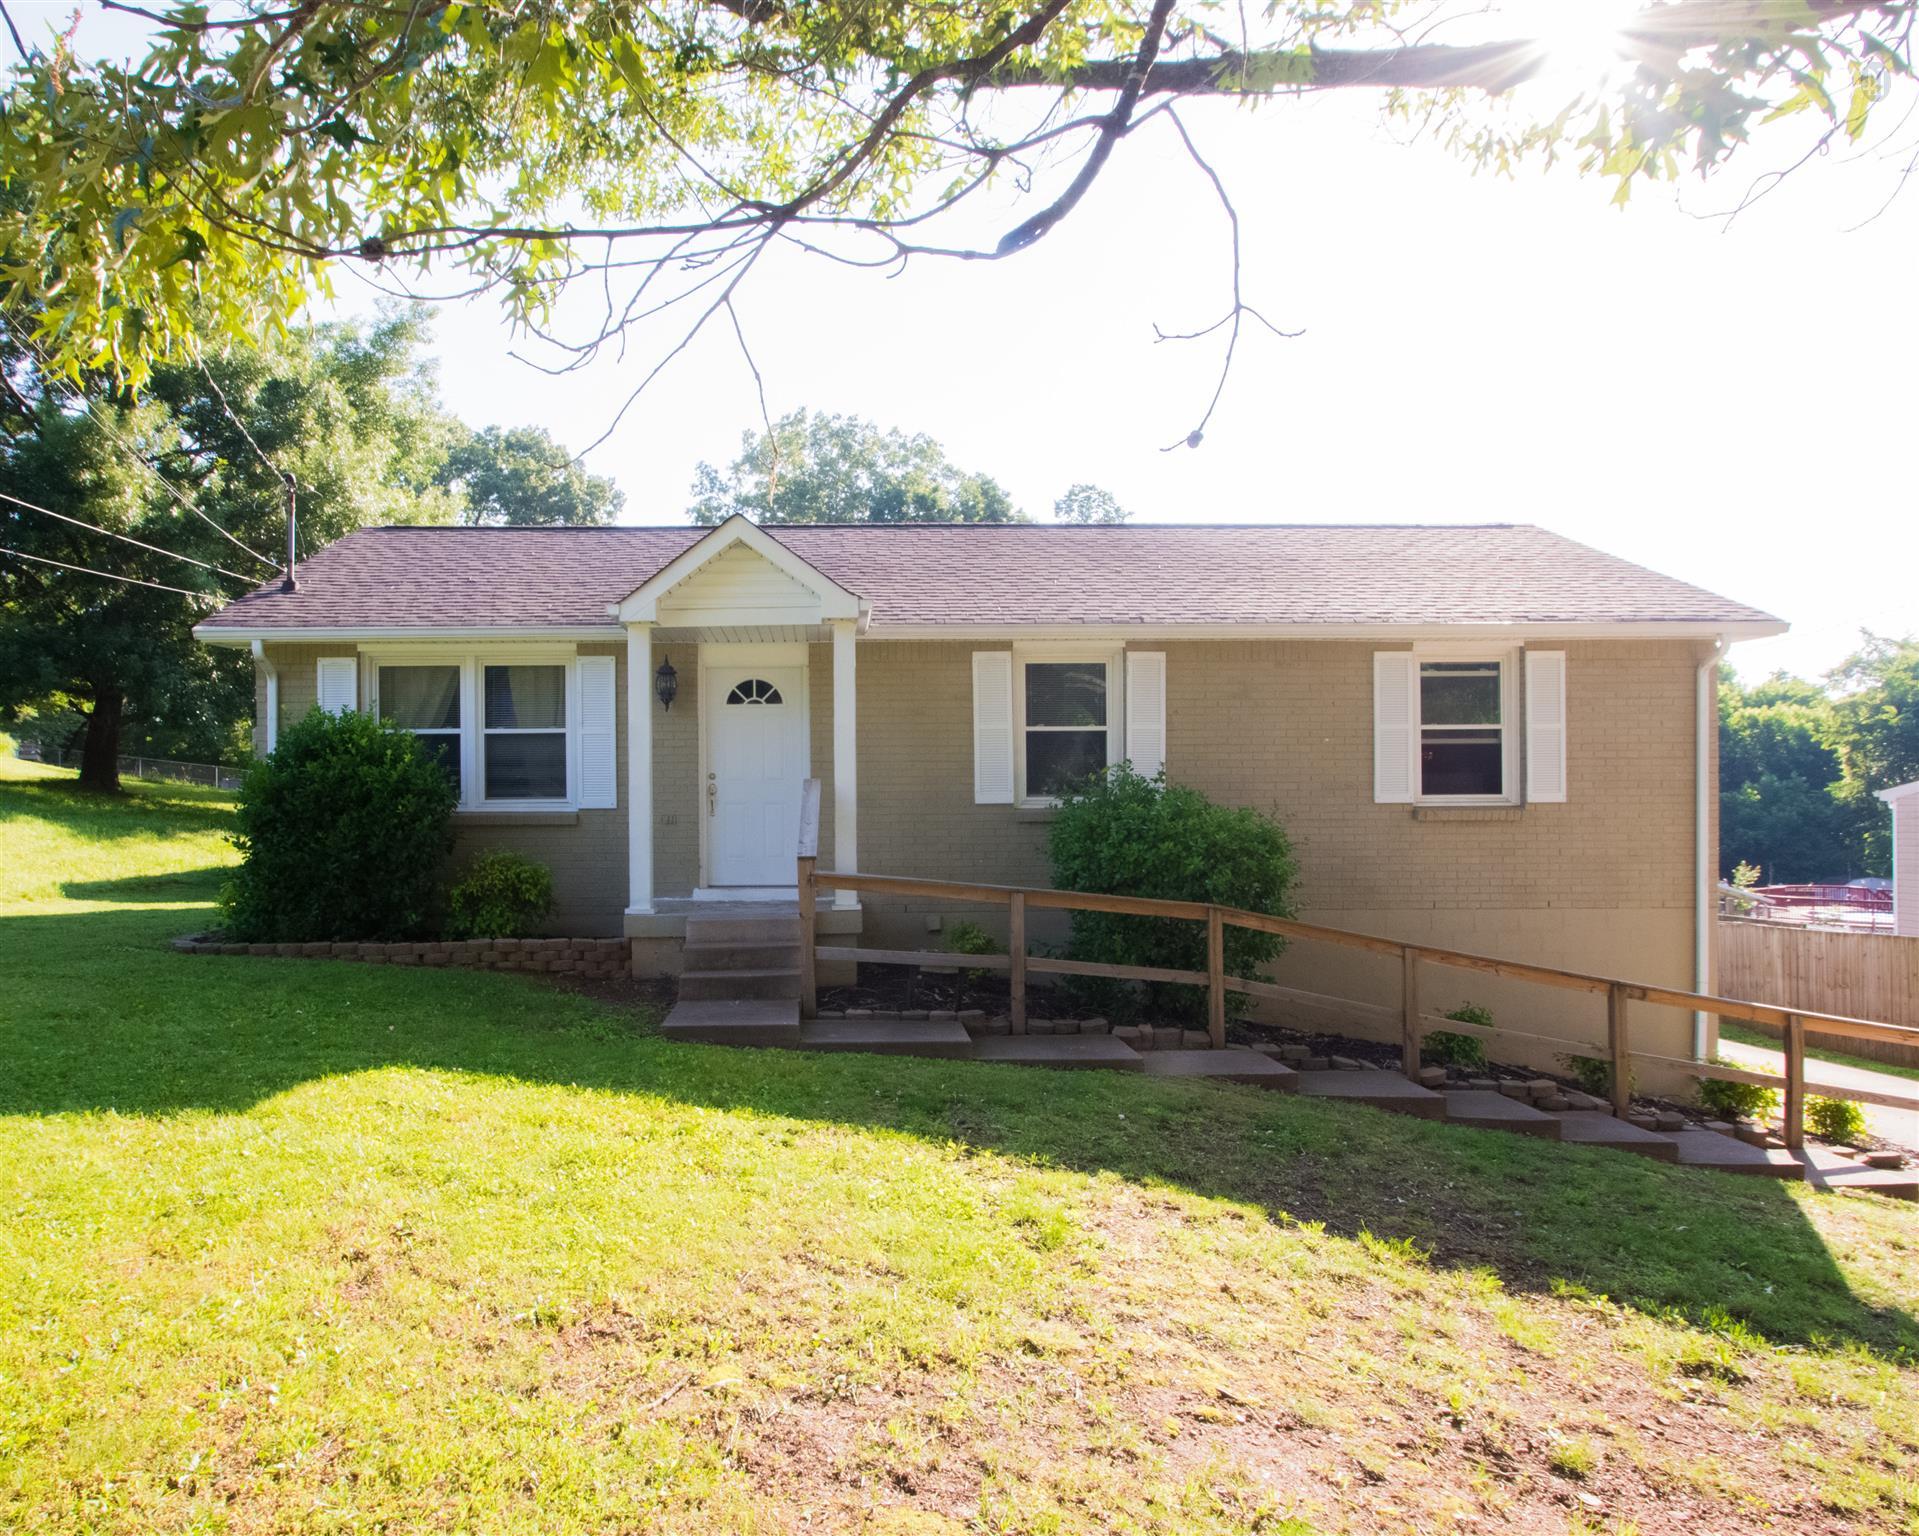 609 Ranch Hill Dr, Clarksville, TN 37042